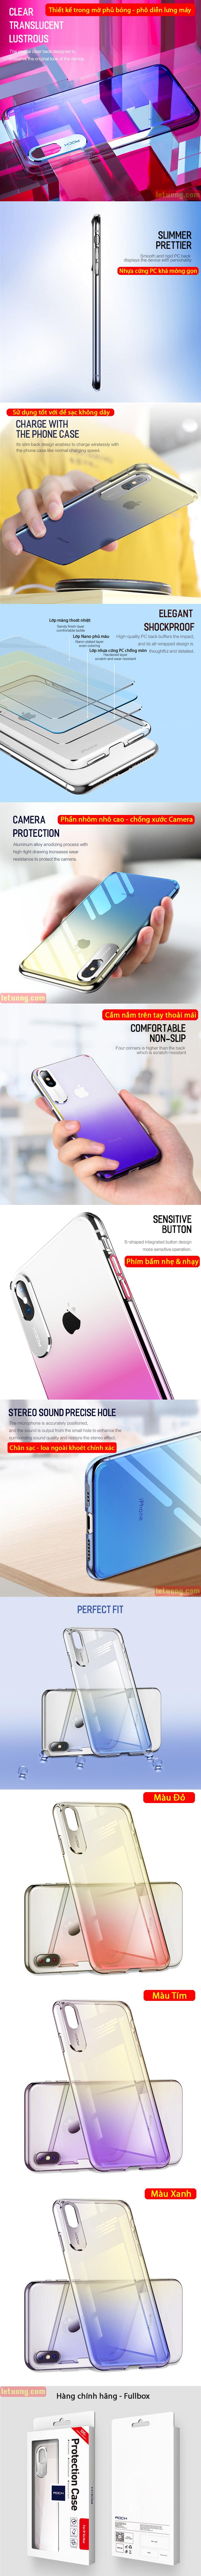 Ốp lưng iPhone Xs Max Rock Gorgeous Color trong suốt - 2 màu sắc 2